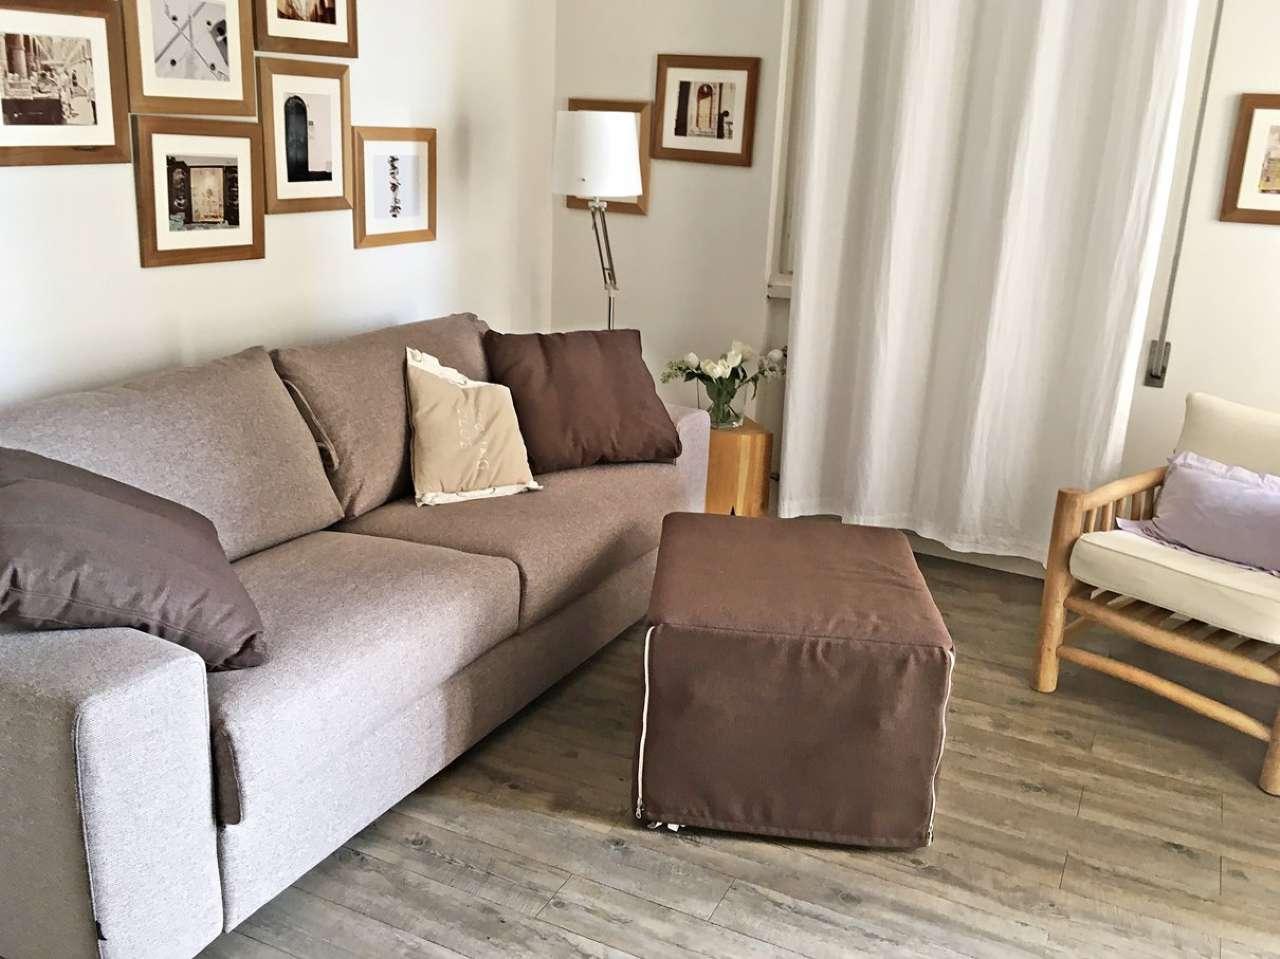 Appartamento in affitto a Chiavari, 4 locali, prezzo € 900 | CambioCasa.it